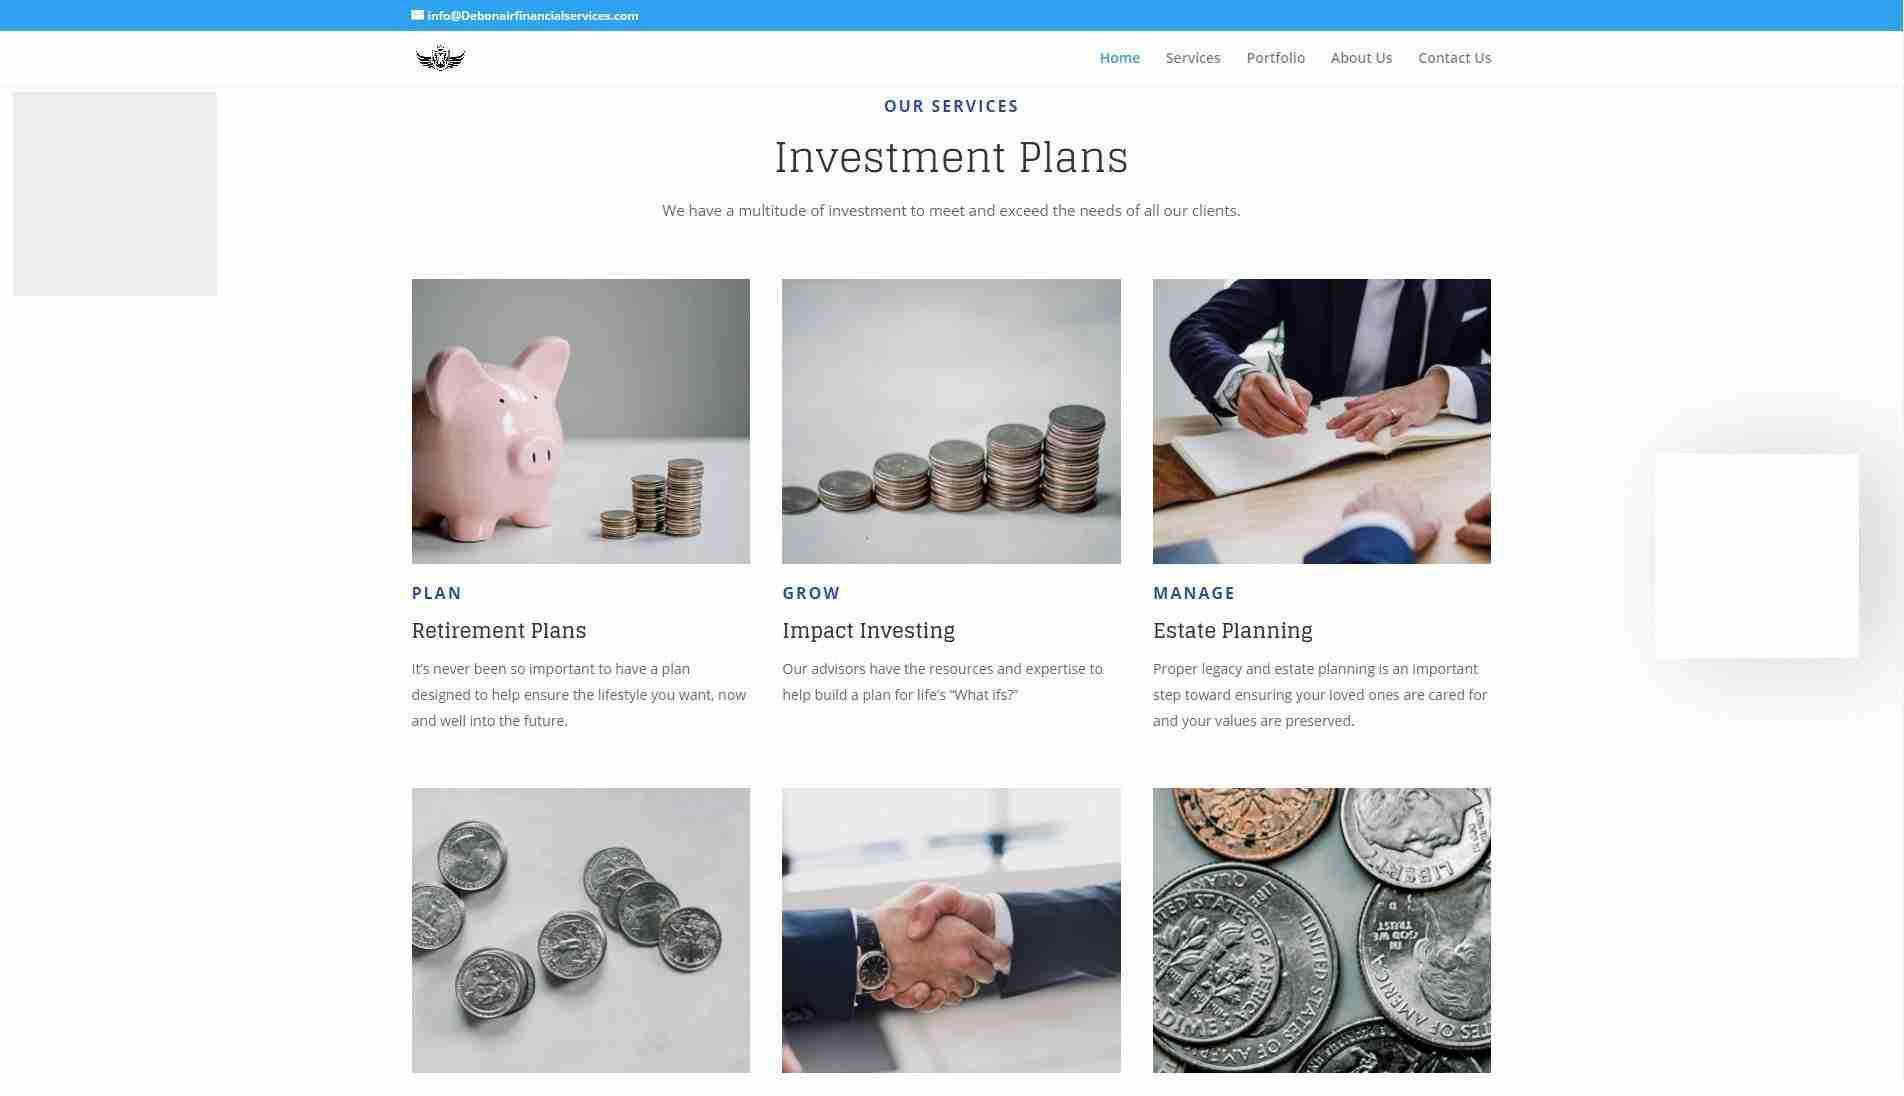 debonaire financial services